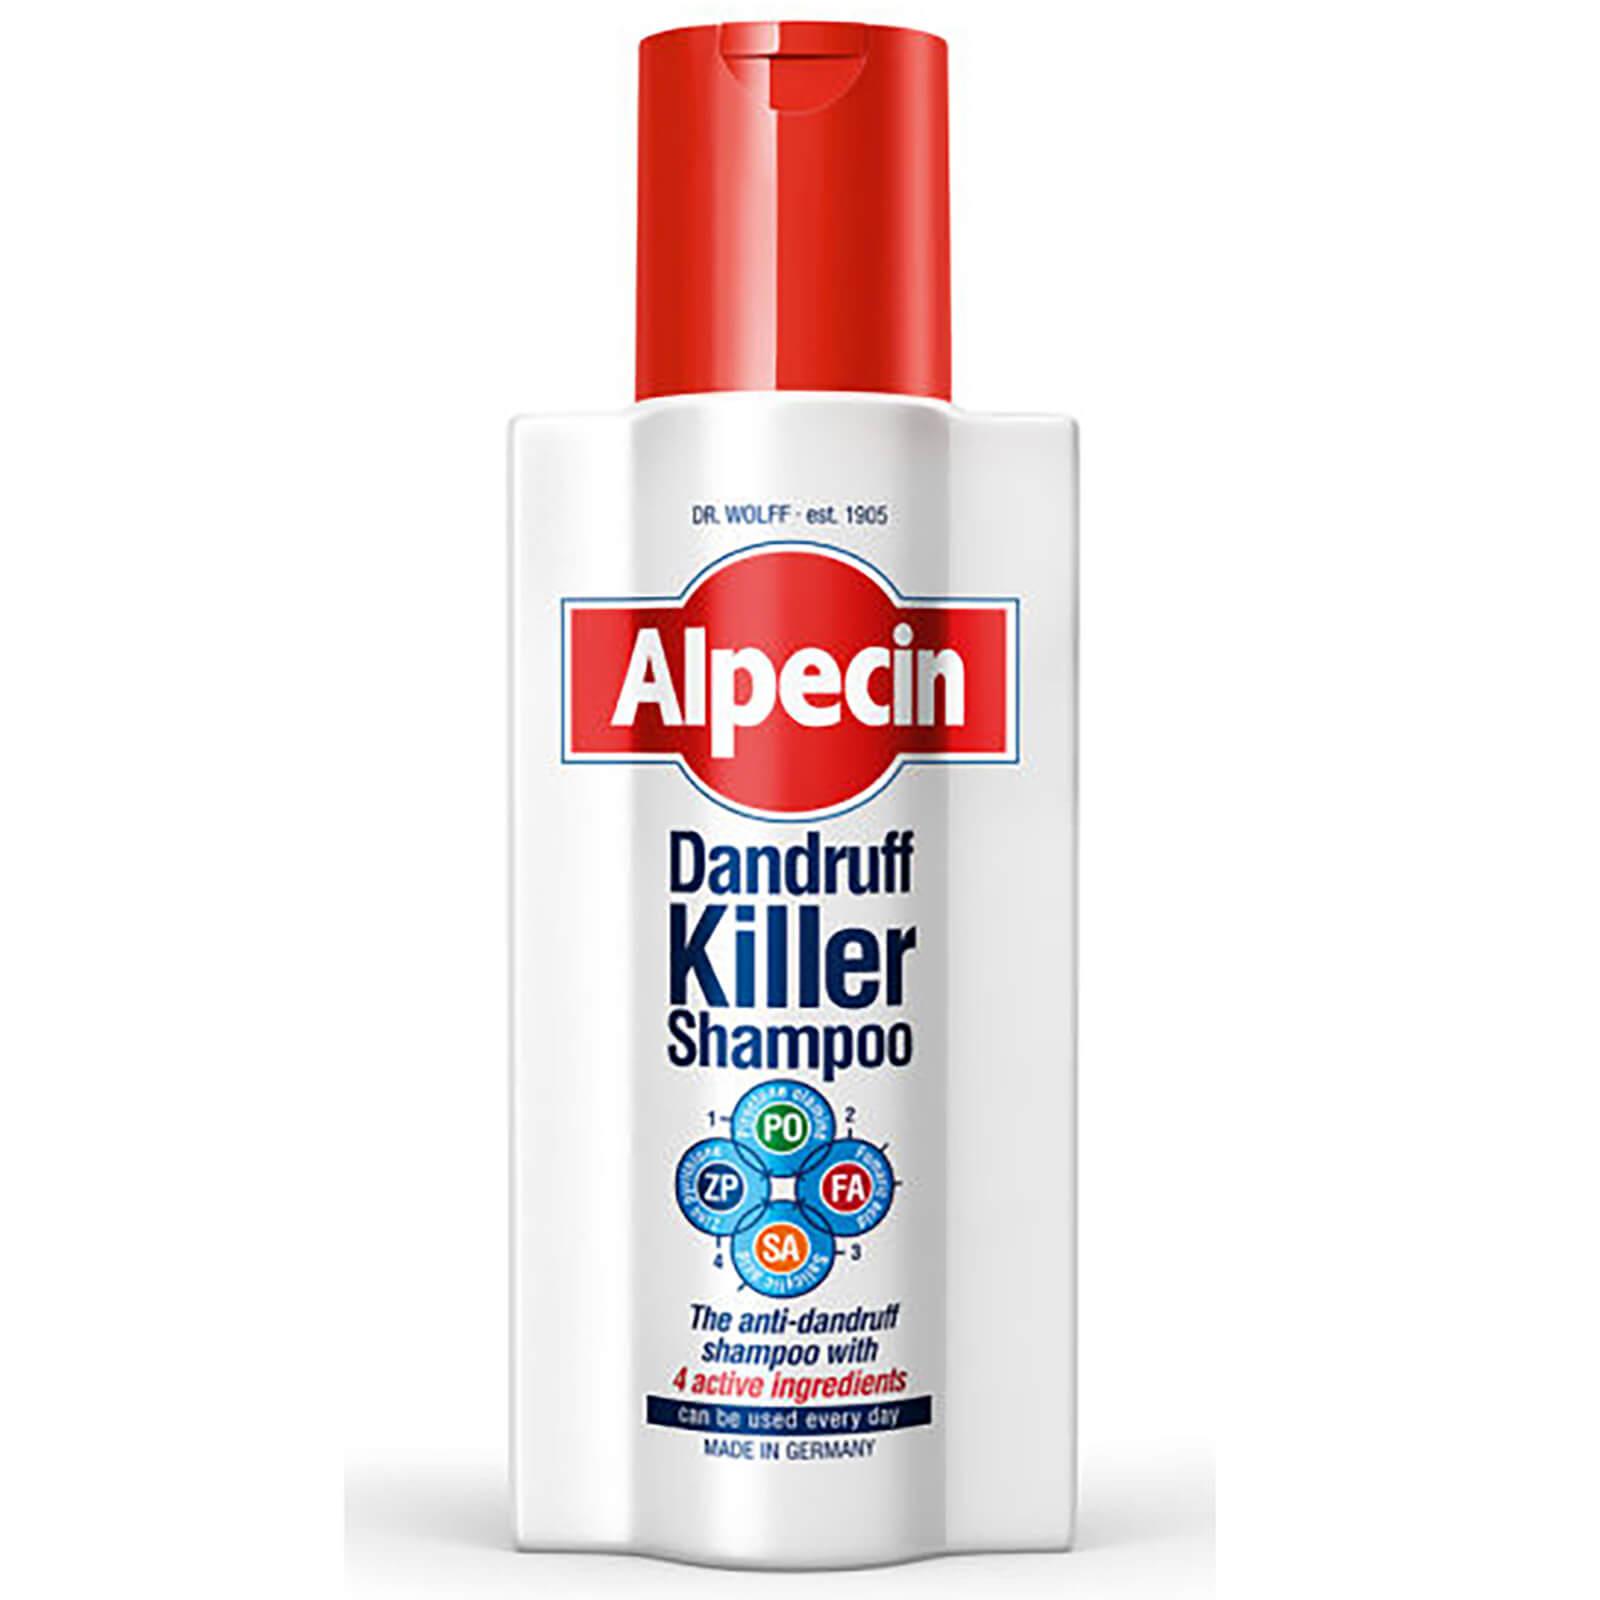 Dandruff Killer